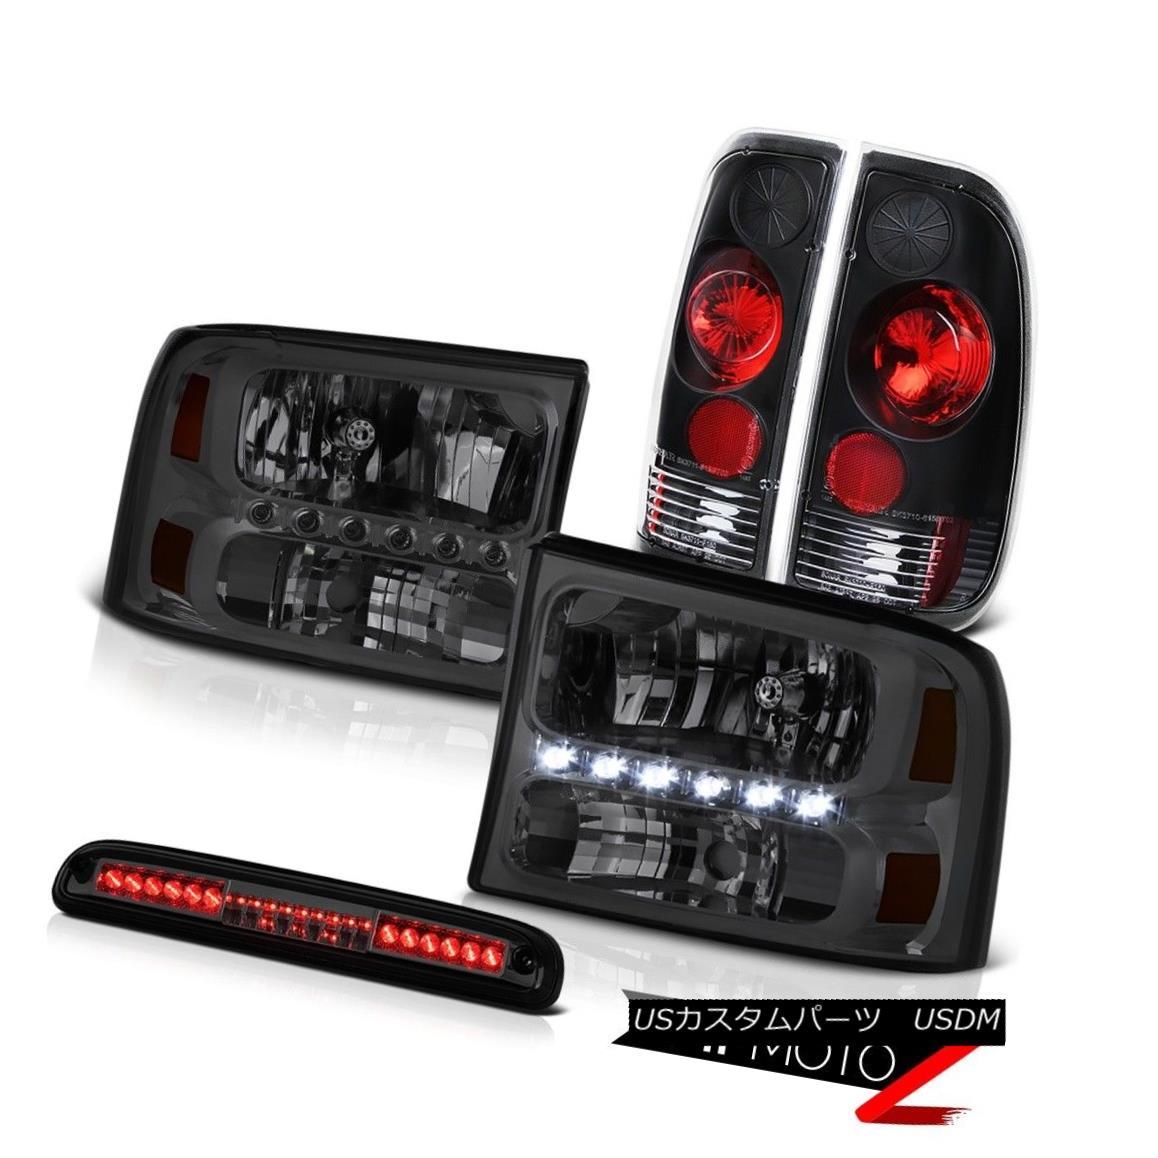 ヘッドライト 99-04 Ford SuperDuty Crystal Headlights Rear Signal Brake Lights Third Cargo LED 99-04 Ford SuperDutyクリスタルヘッドライトリアシグナルブレーキライト第3貨物LED